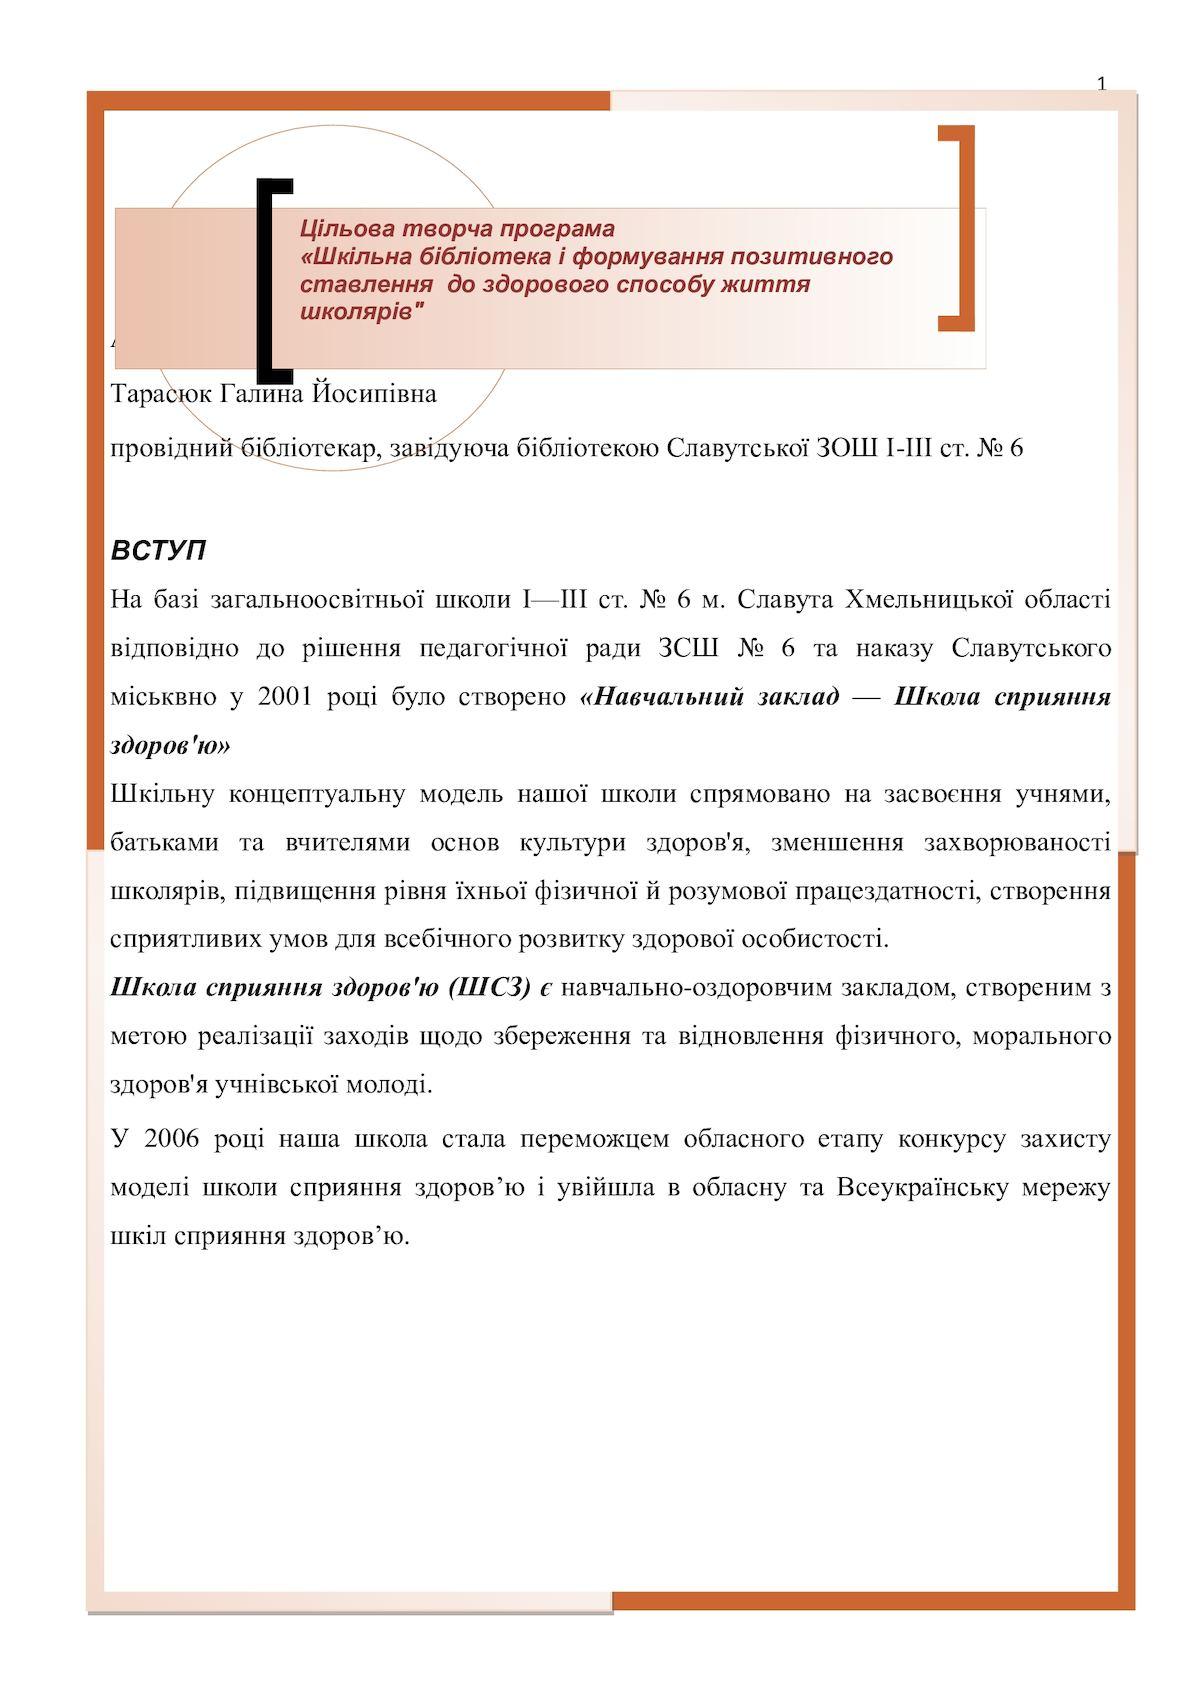 Calaméo - Цільова творча програма Шкільна бібліотека і формування  позитивного ставлення до здоровя cd4f93041d61f